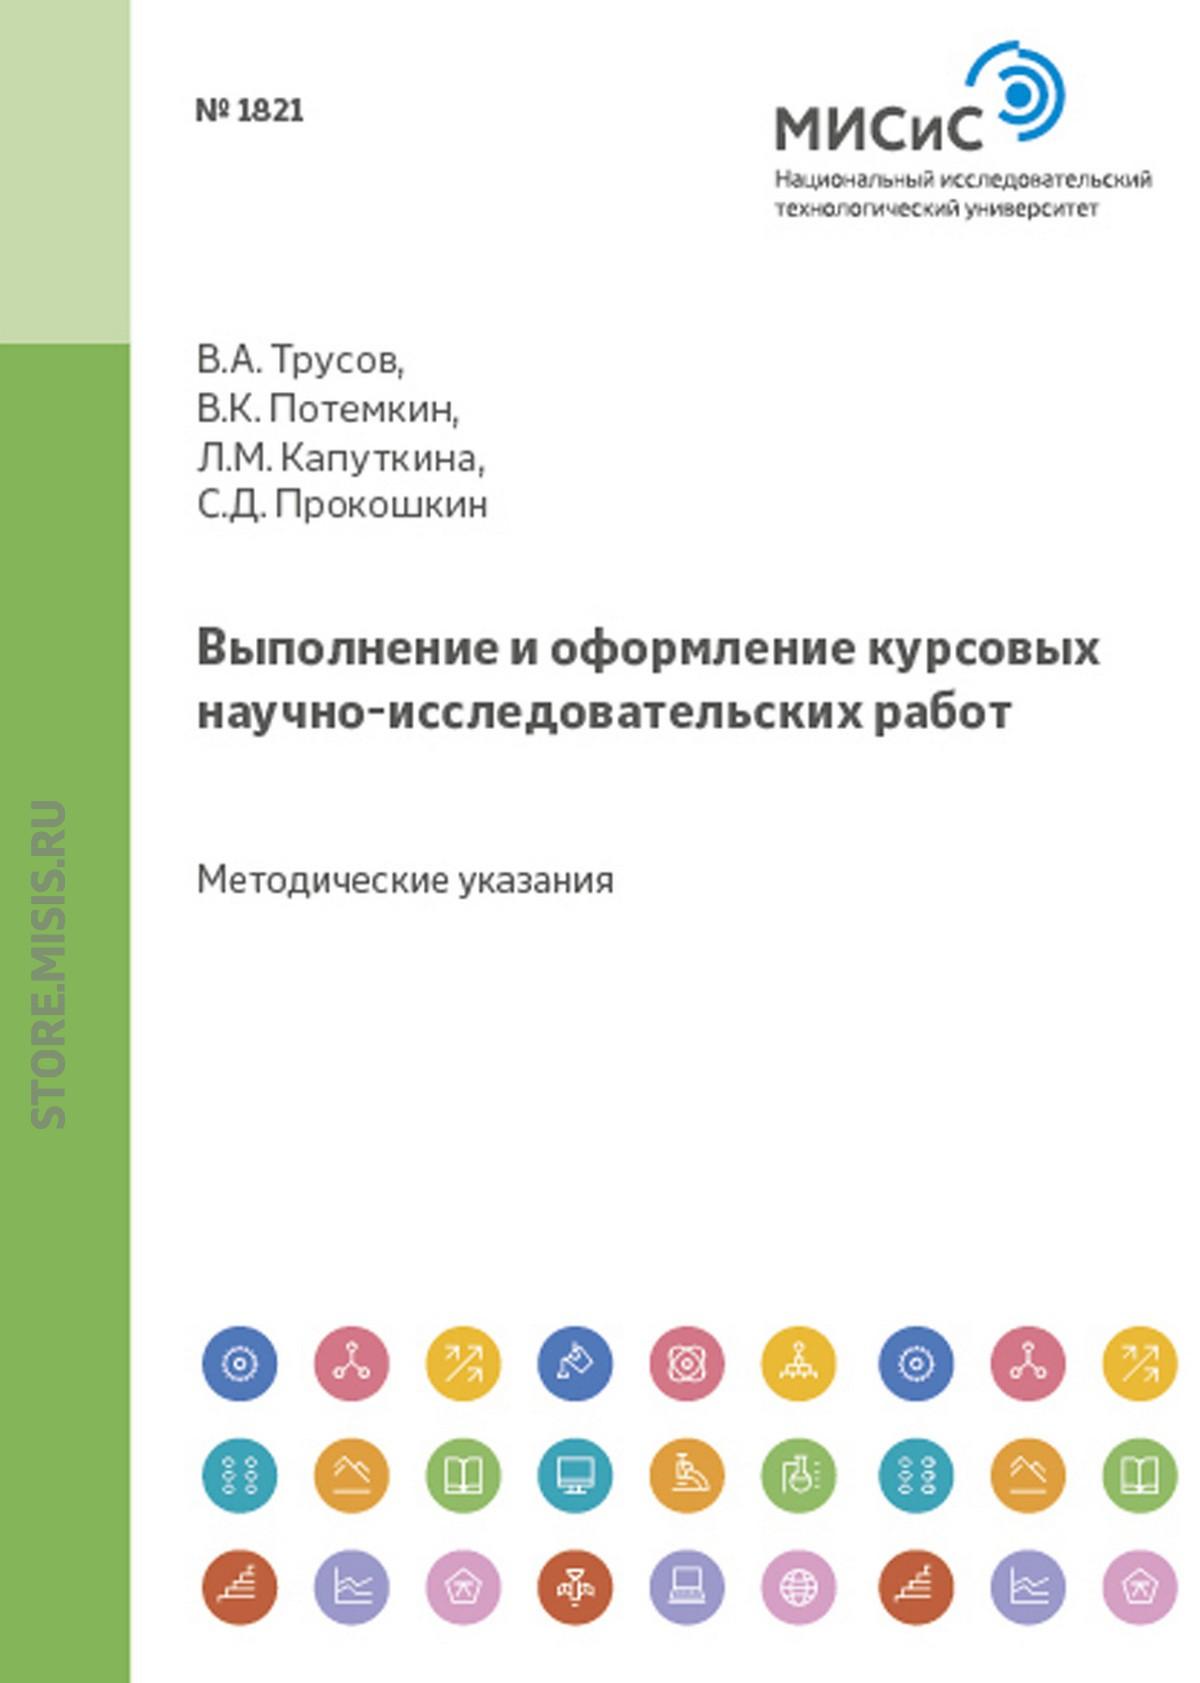 Людмила Капуткина Выполнение и оформление курсовых научно-исследовательских работ